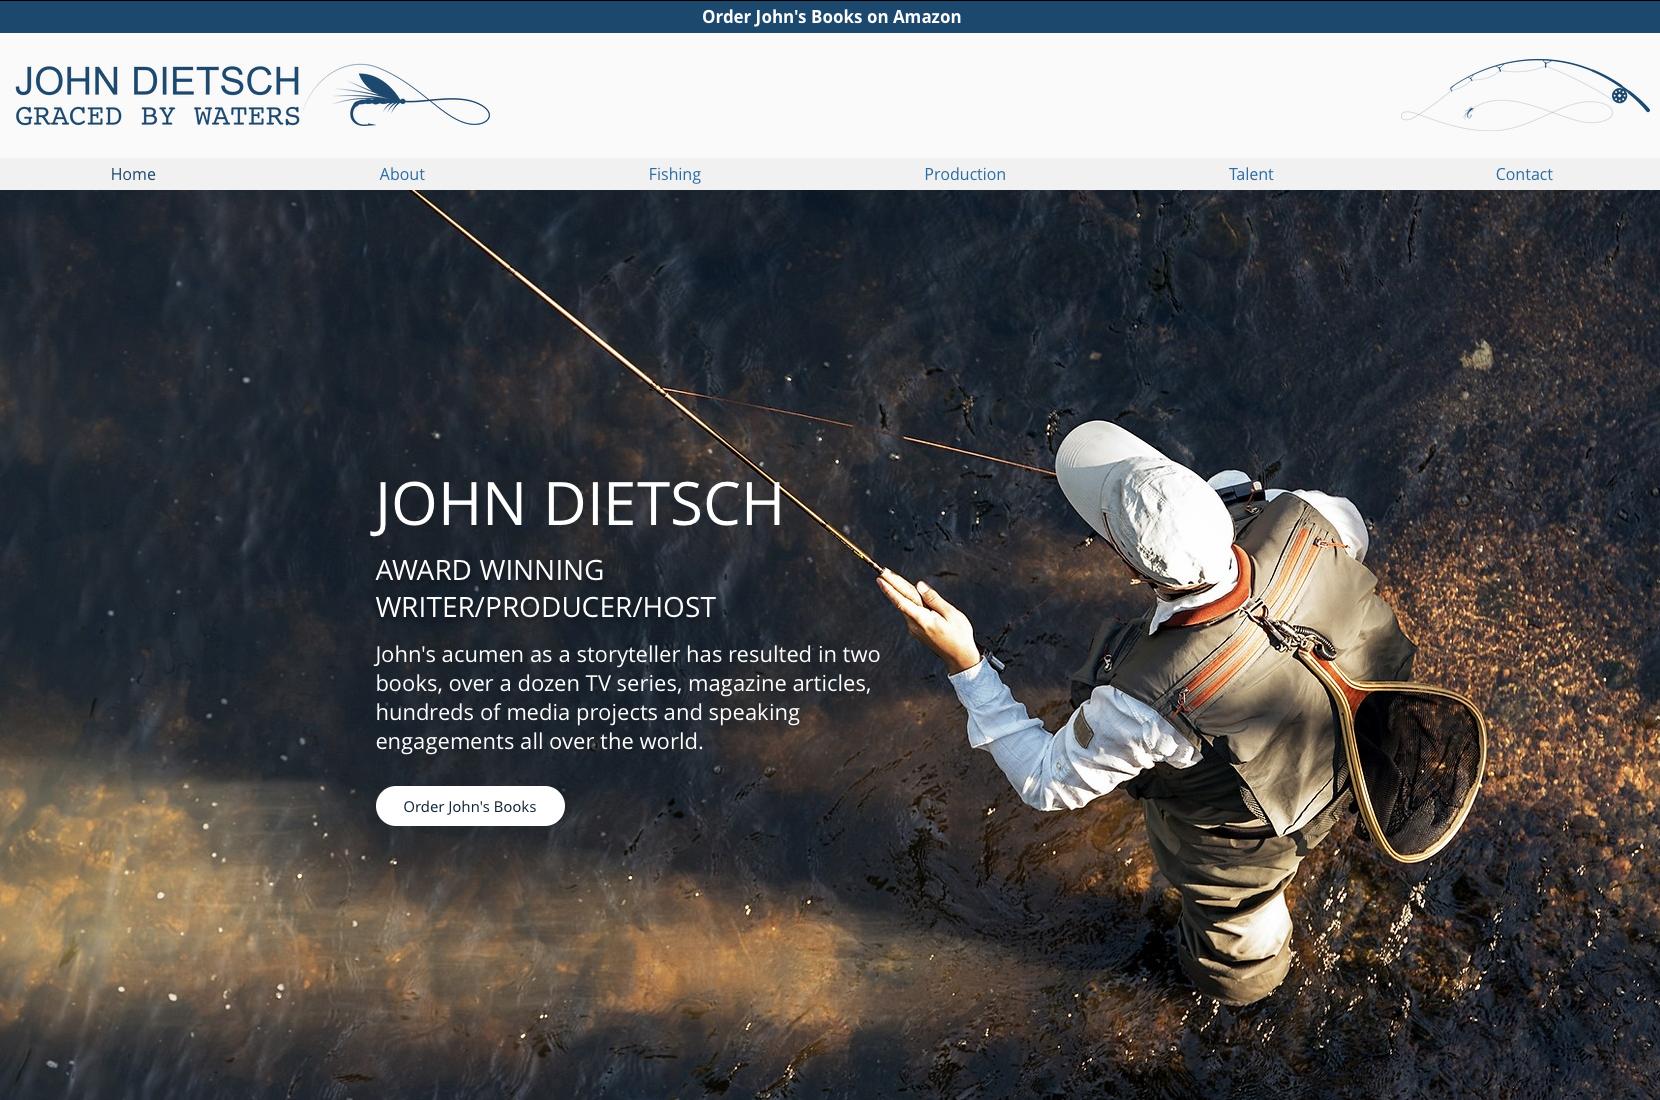 John Dietsch